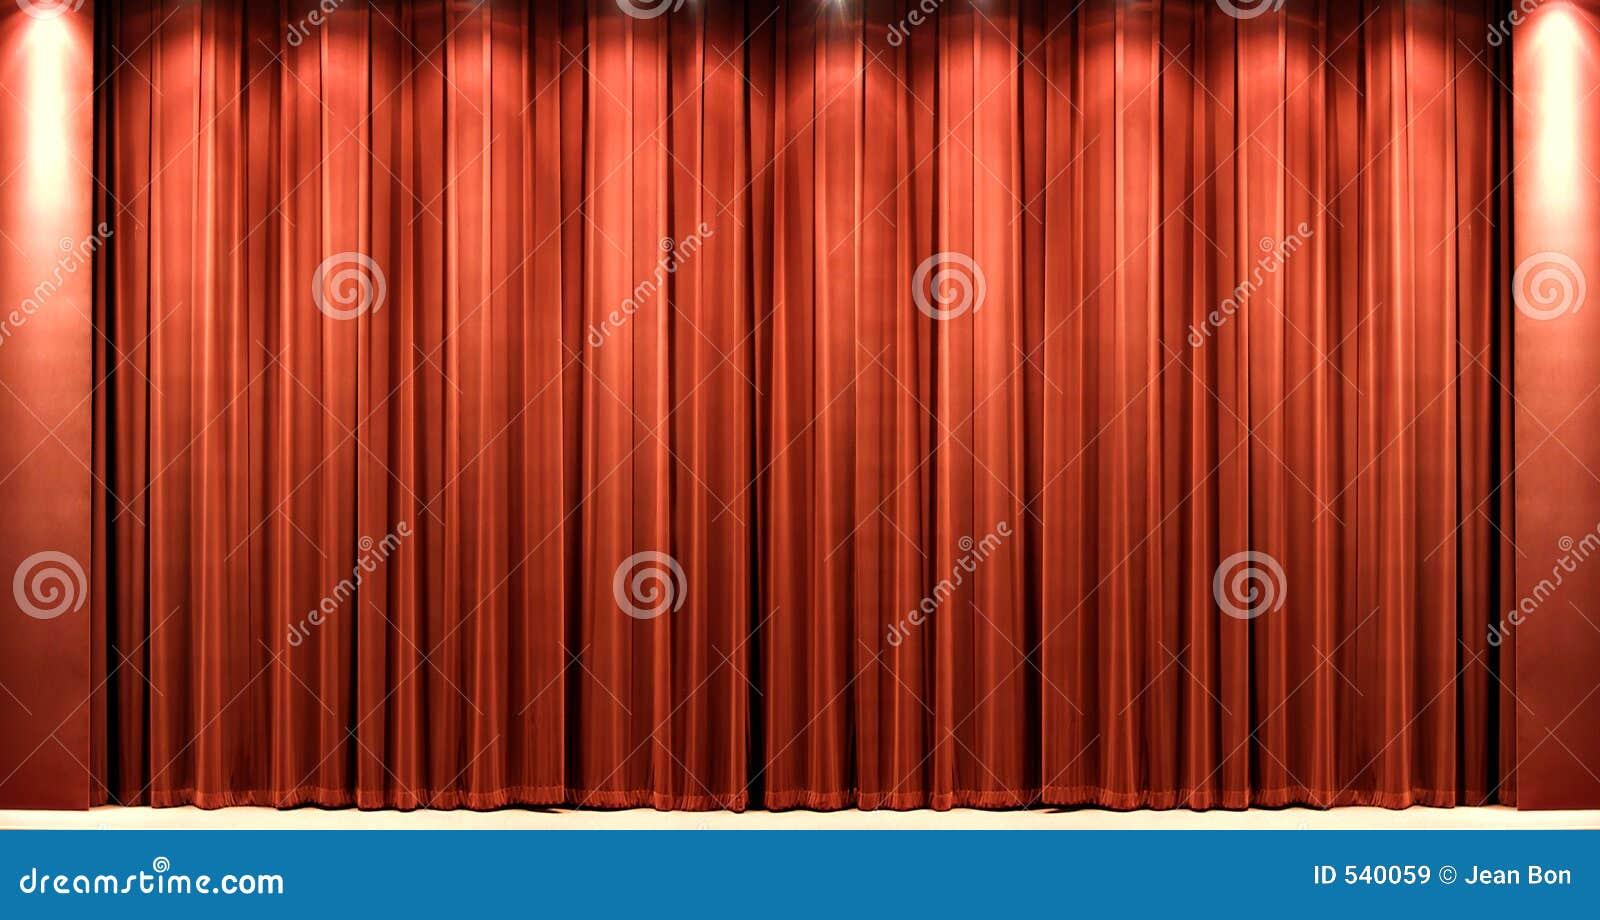 Teatr courtain czerwonego aksamitu